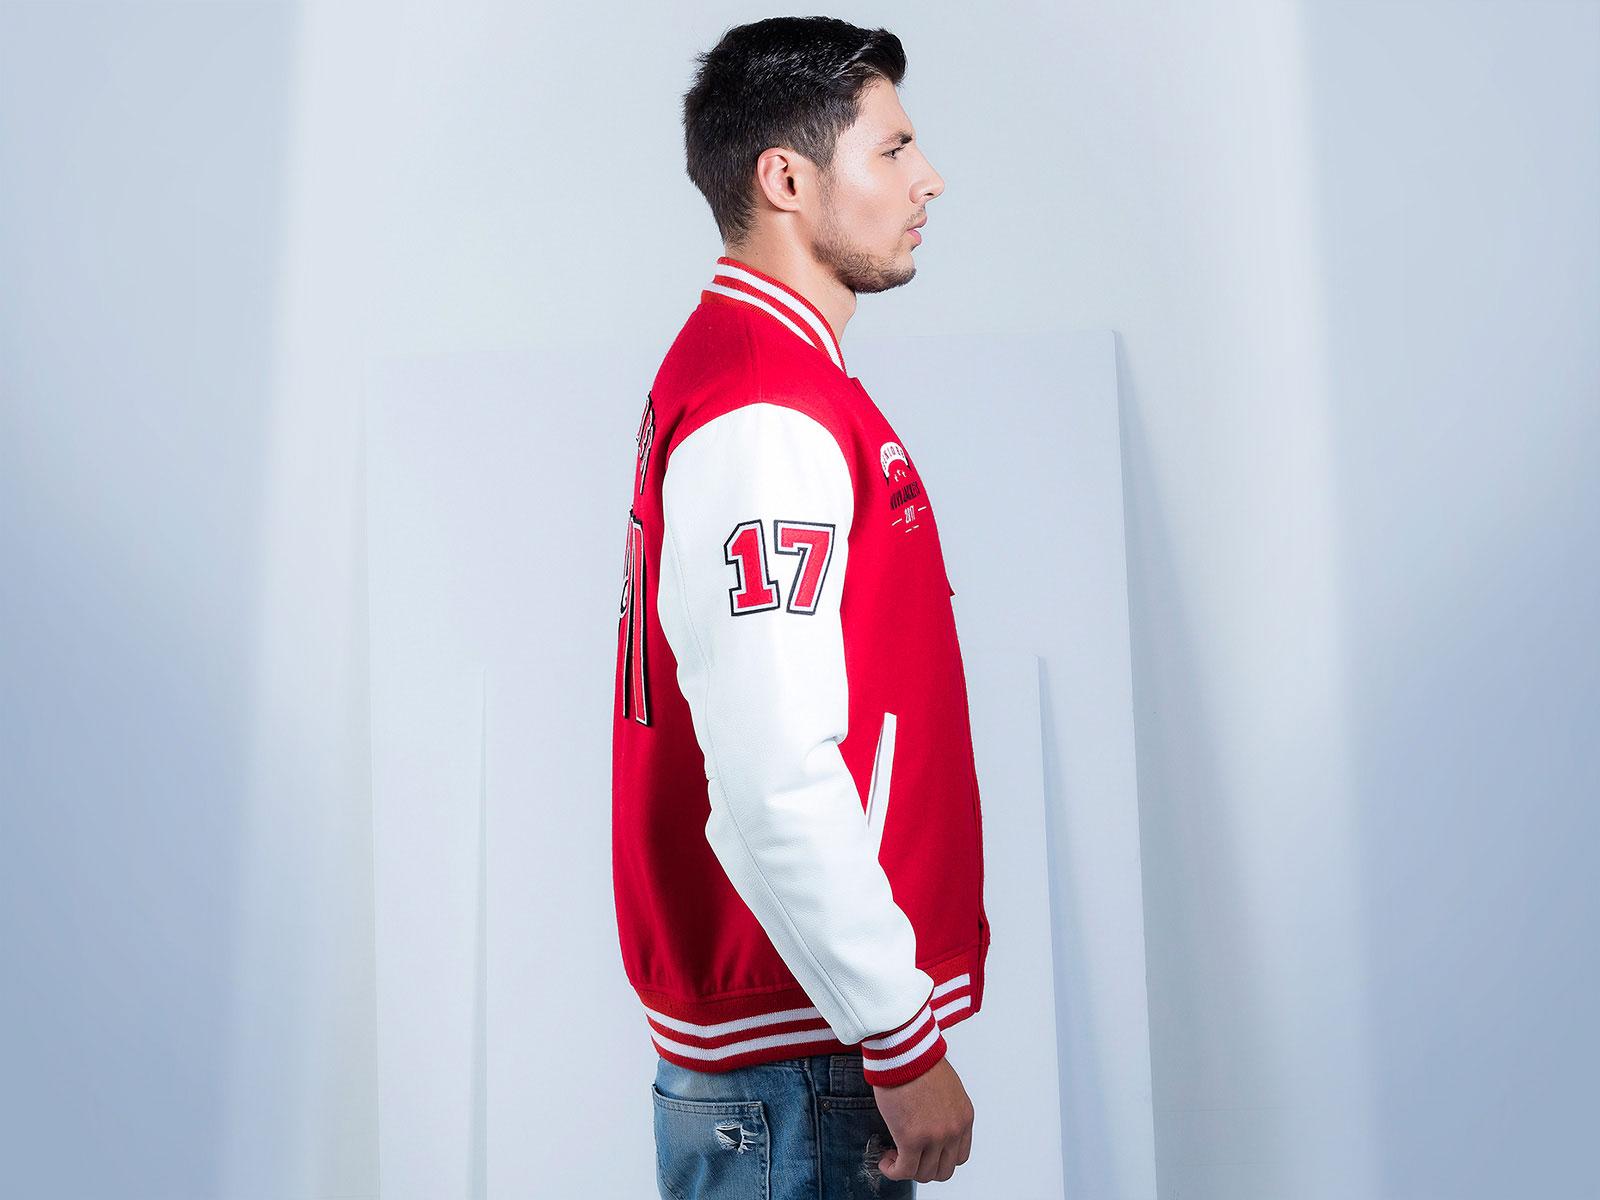 Varsity leather jacket customized